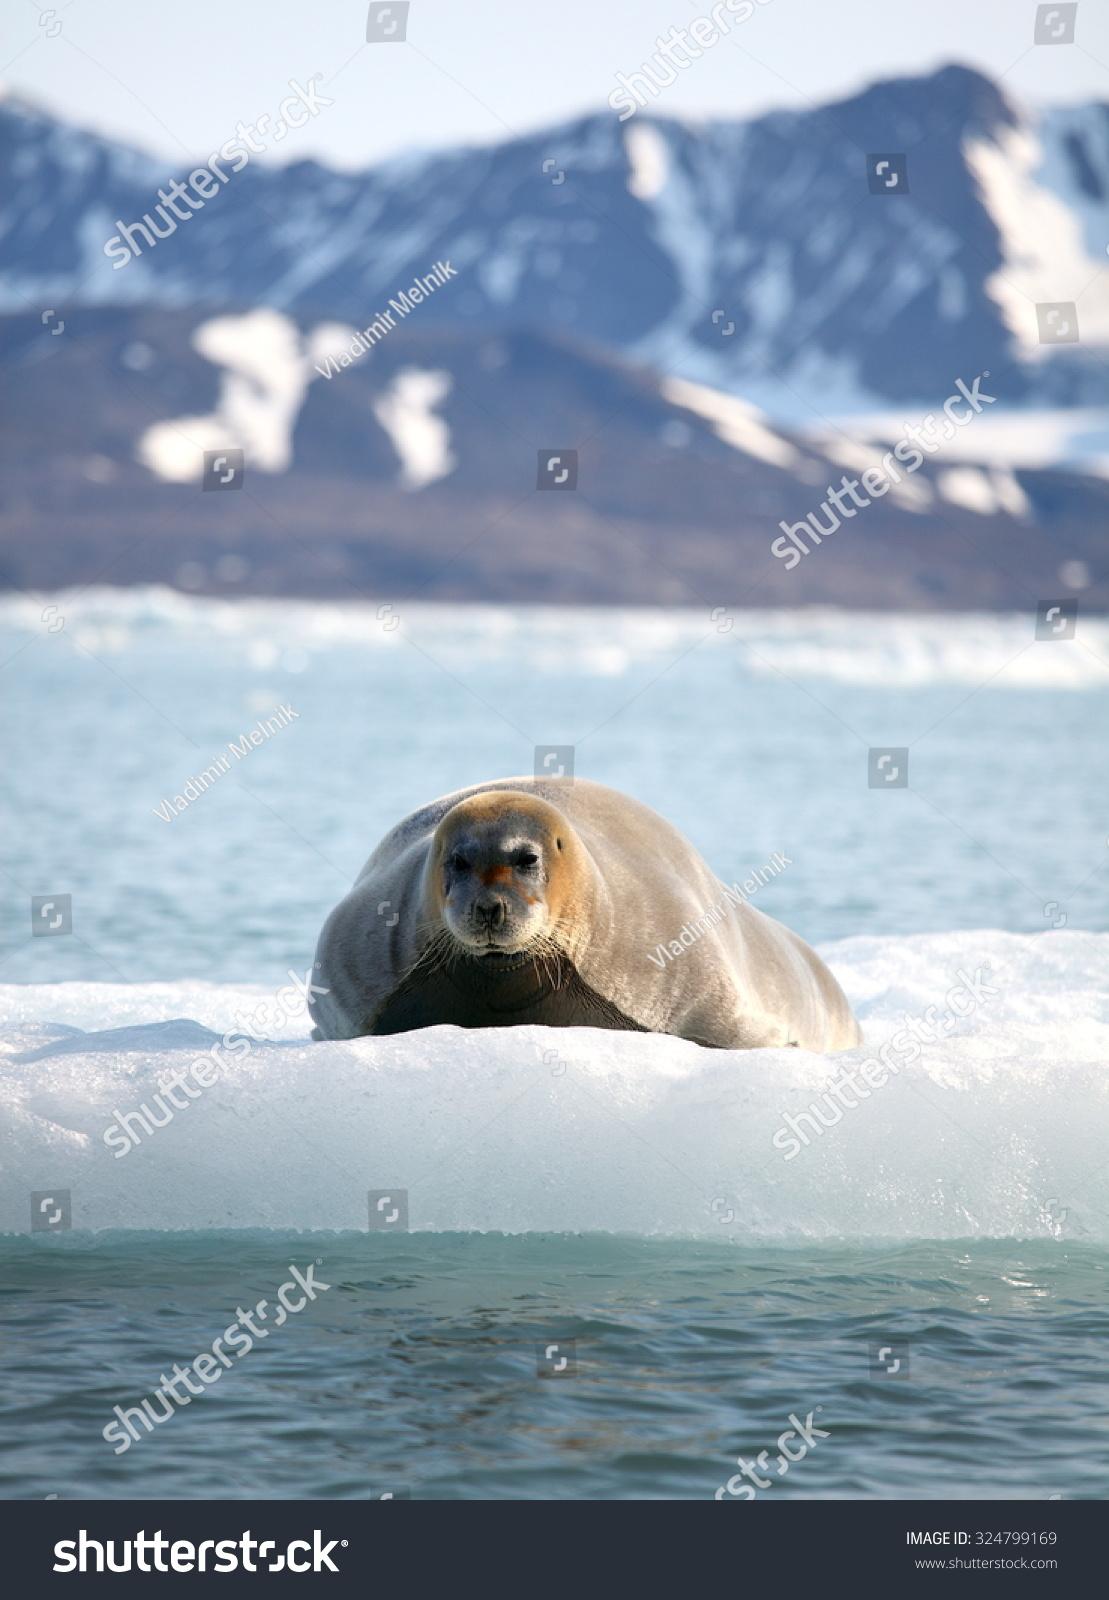 壁纸 动物 海洋动物 桌面 1109_1600 竖版 竖屏 手机